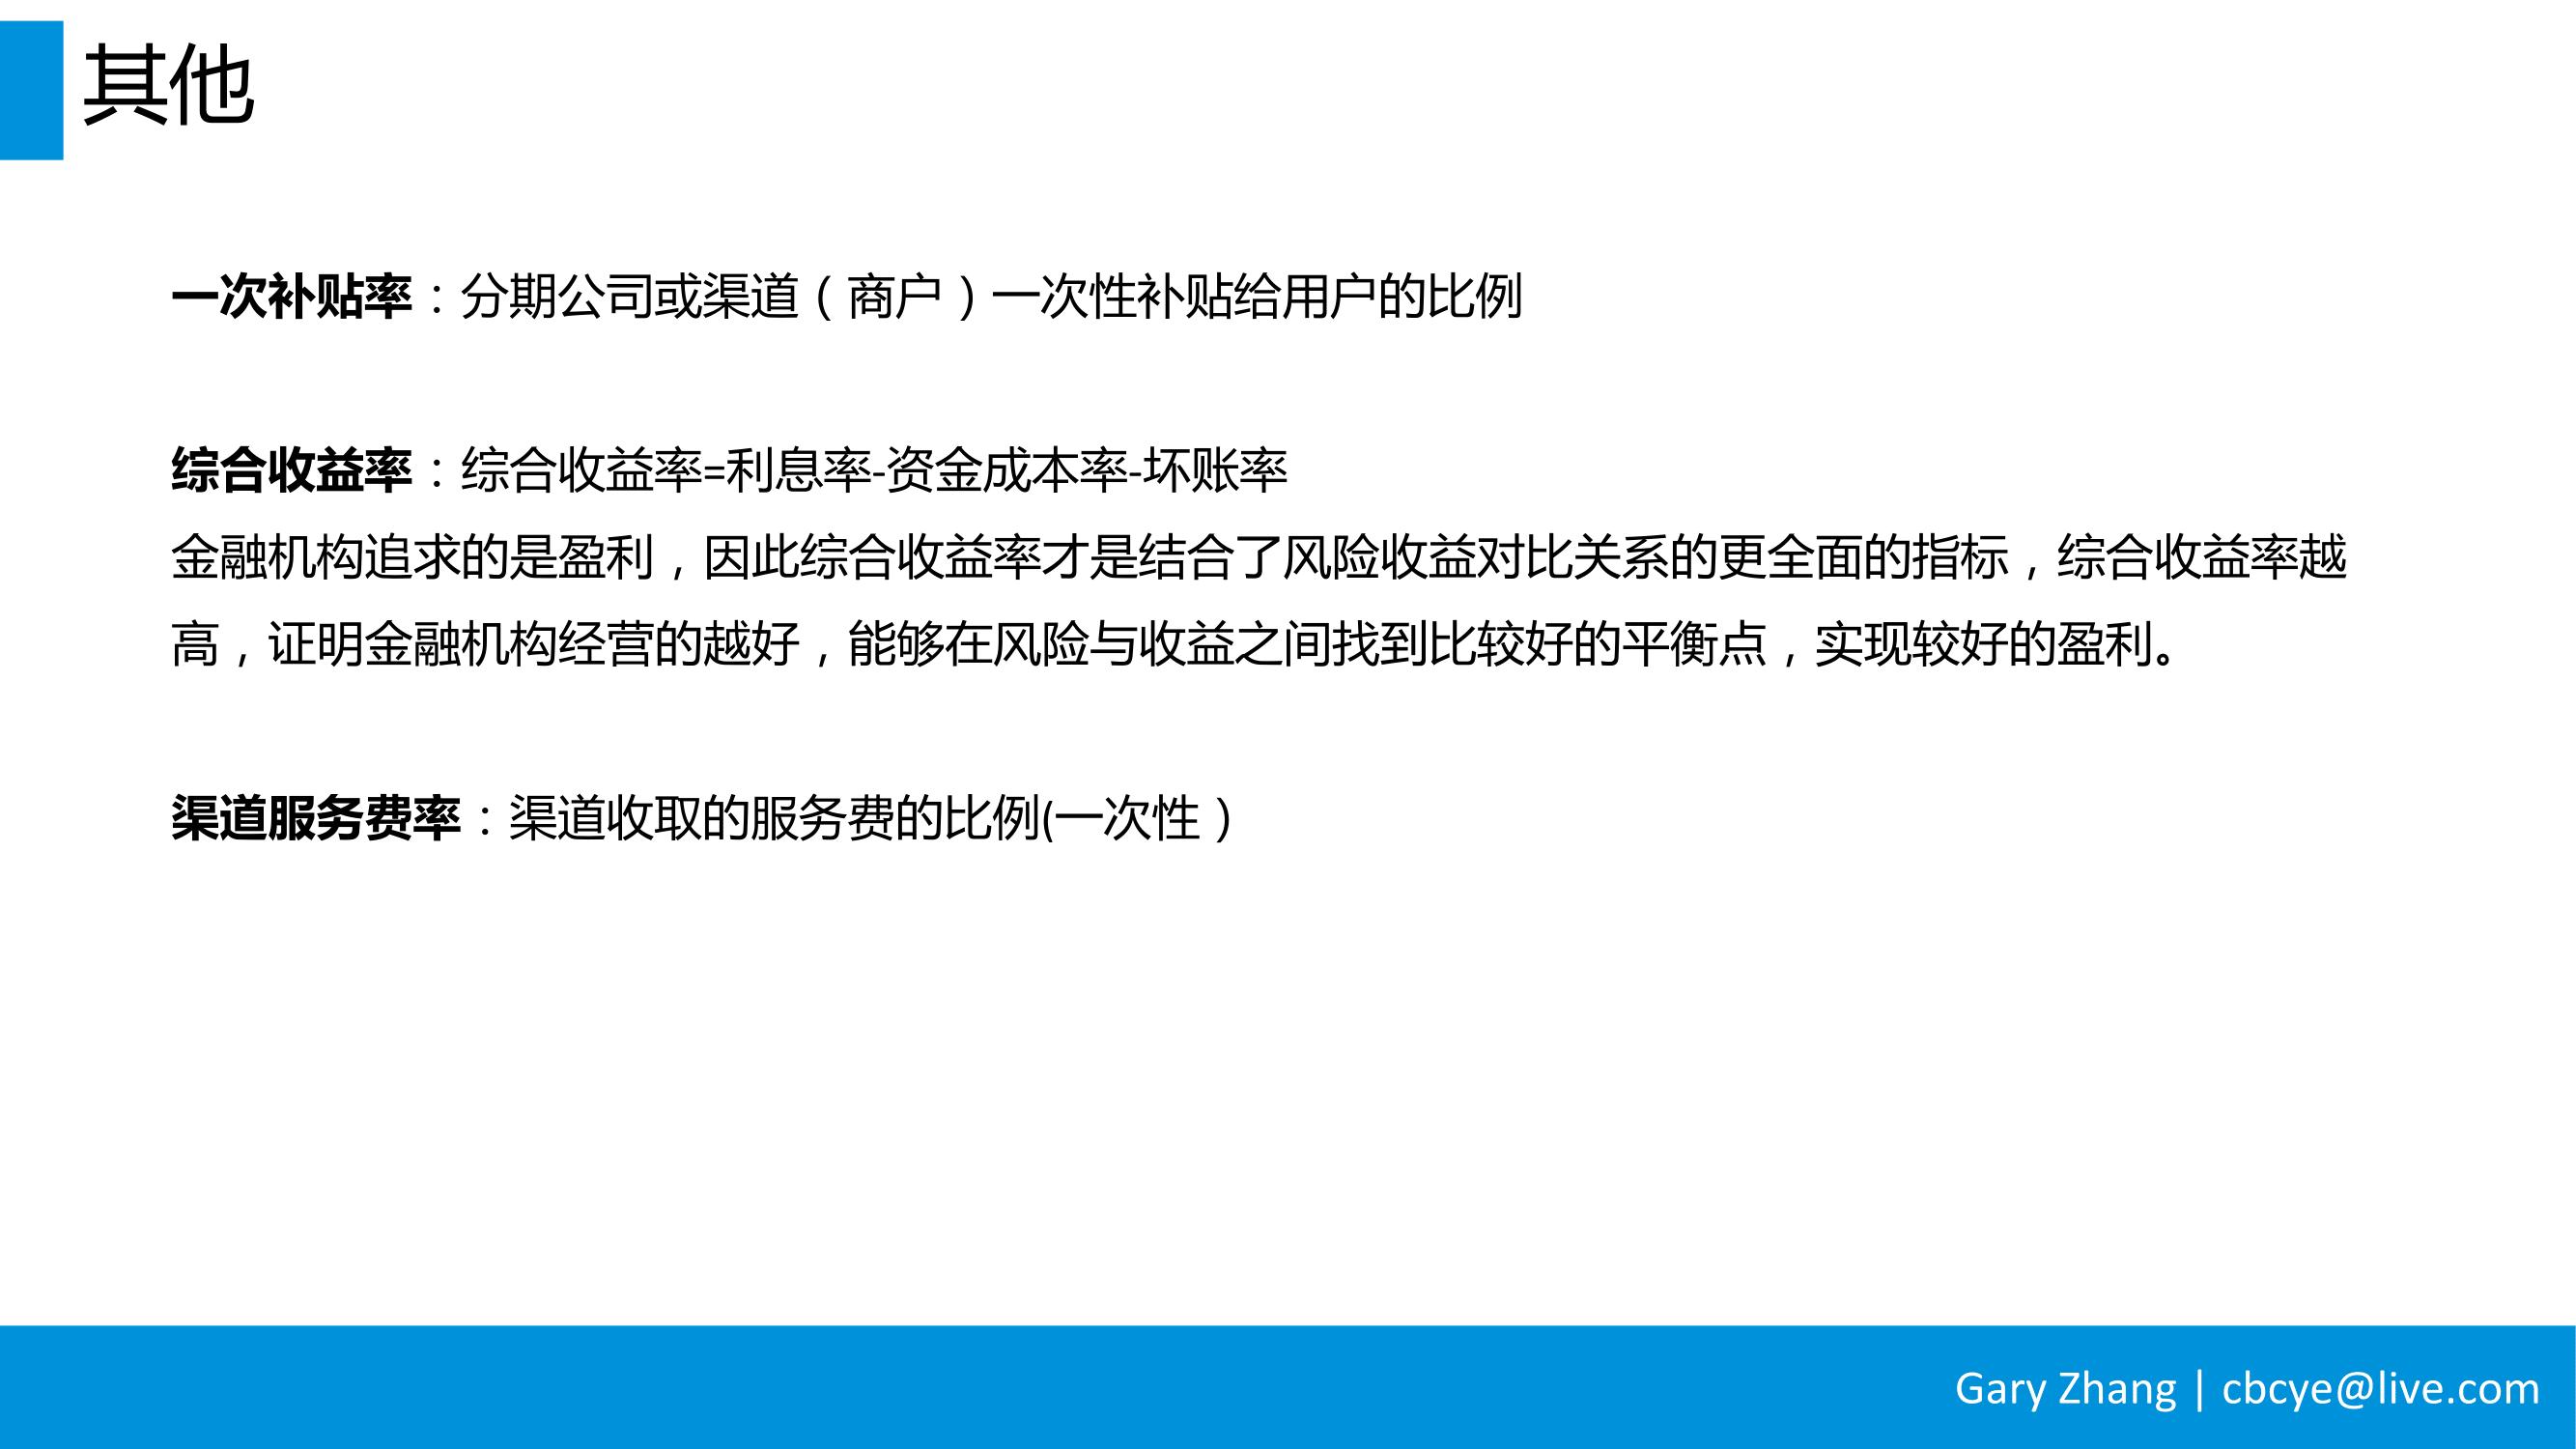 消费金融业务全流程指南_v1.0-079